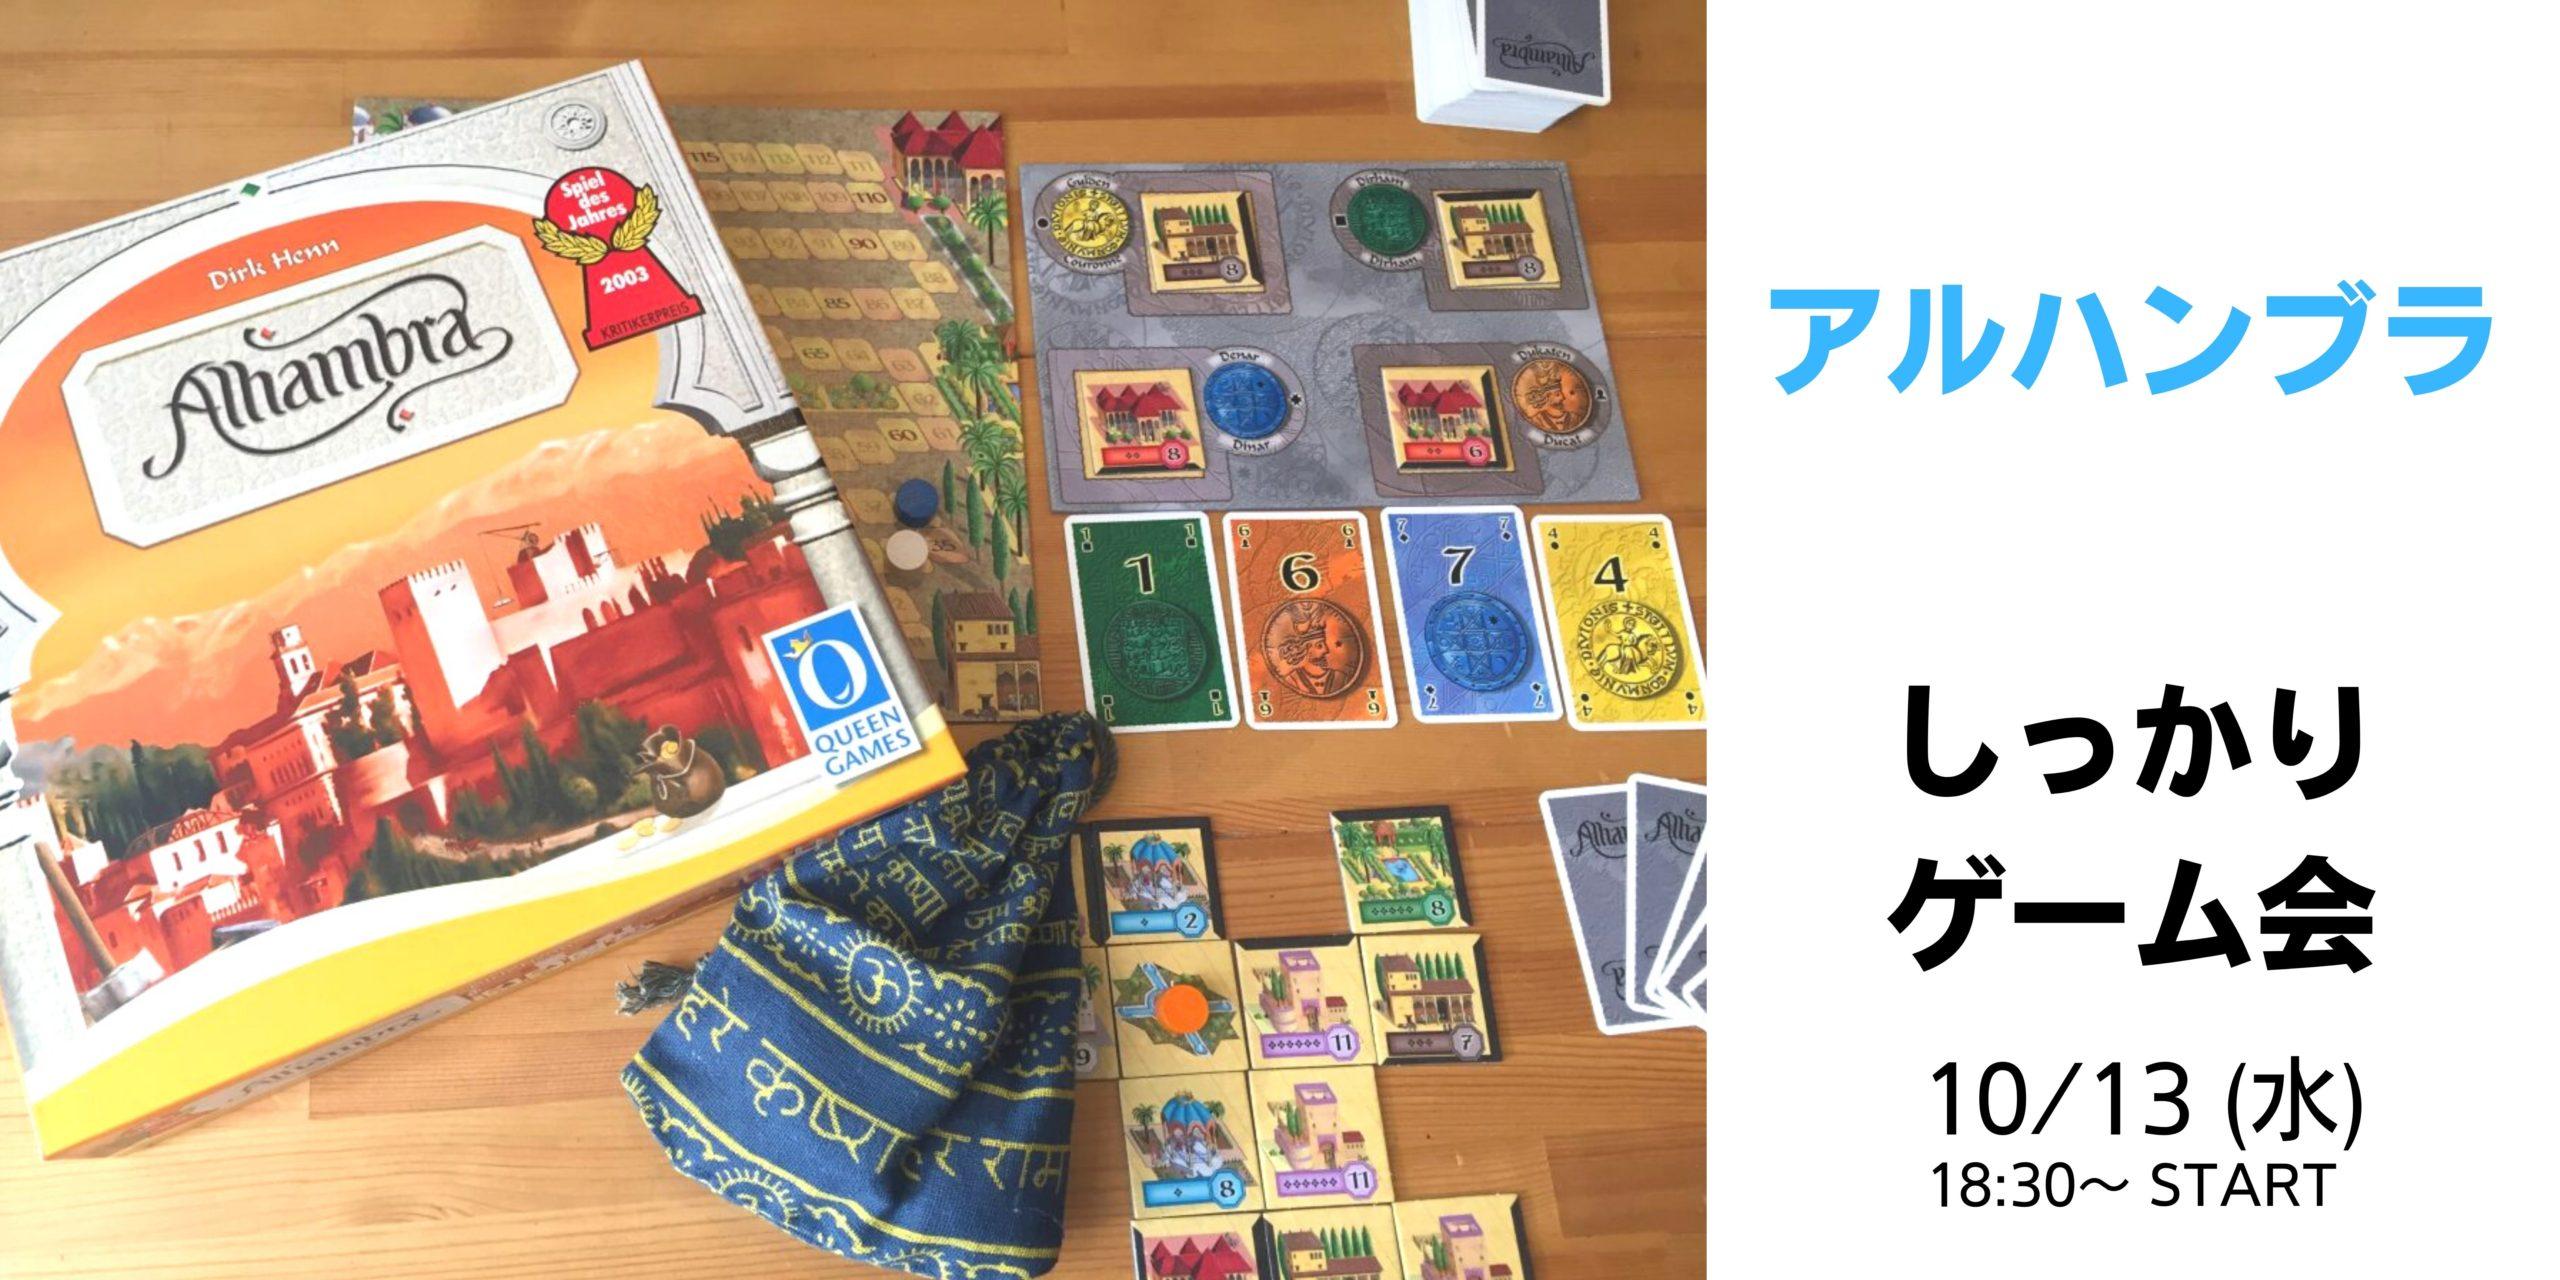 しっかりゲーム会 アルハンブラ 10/13(水) 18時半スタート